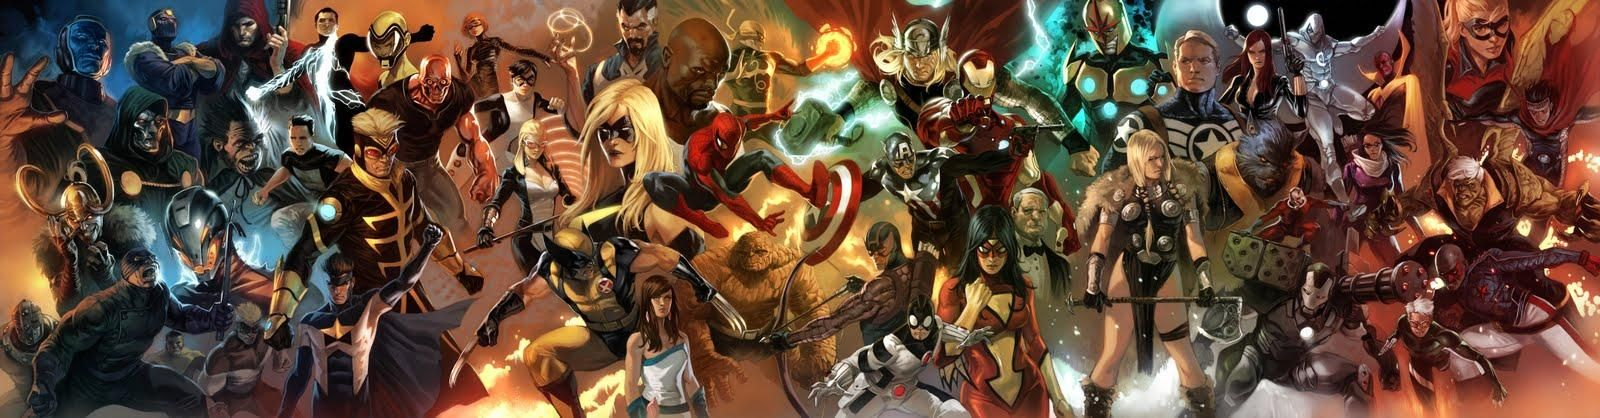 Avengers banner resize